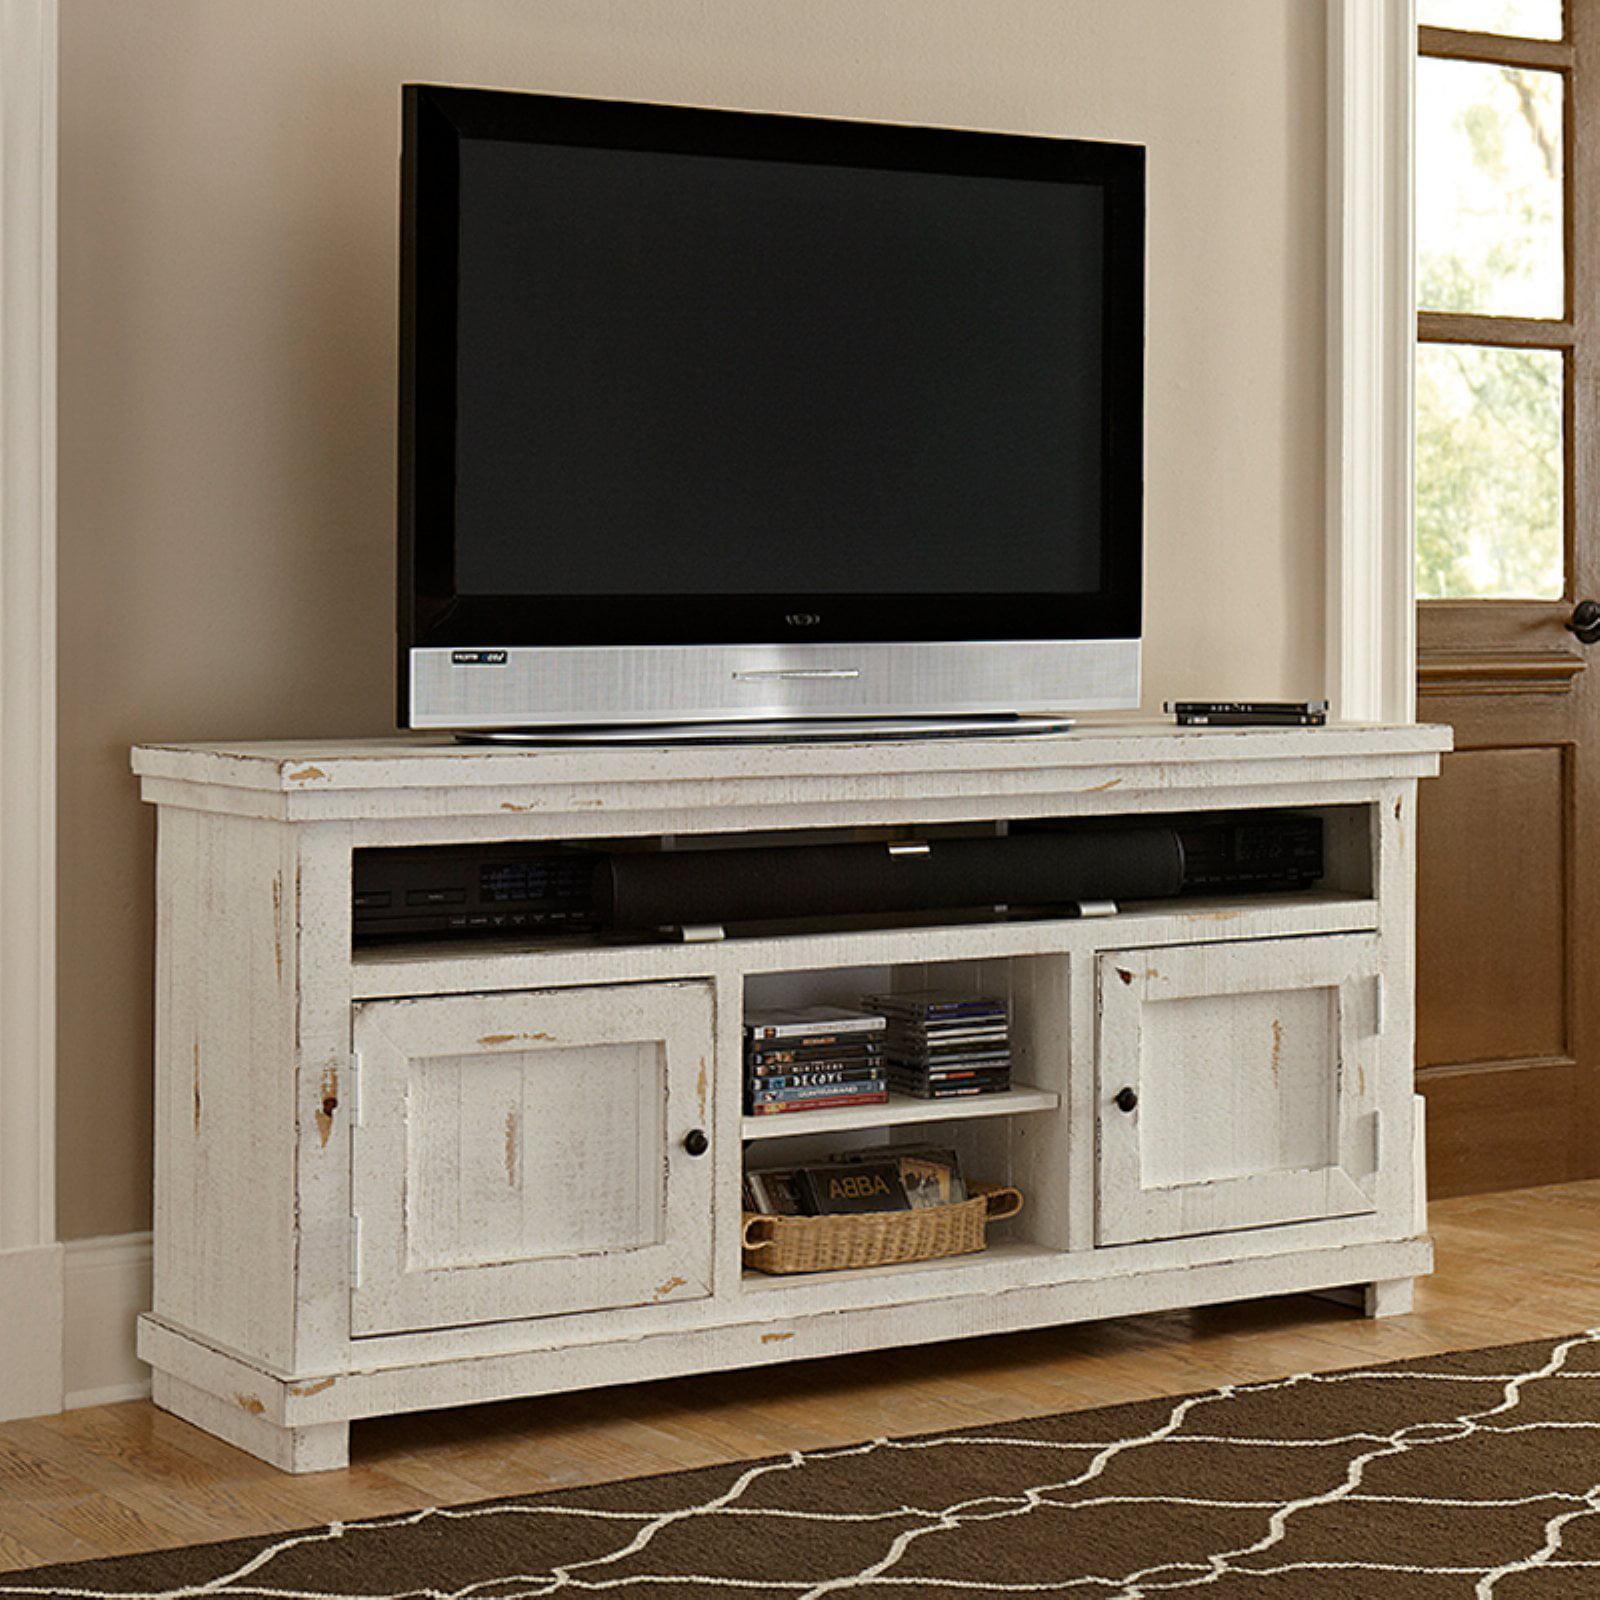 Progressive Furniture Willow TV Console